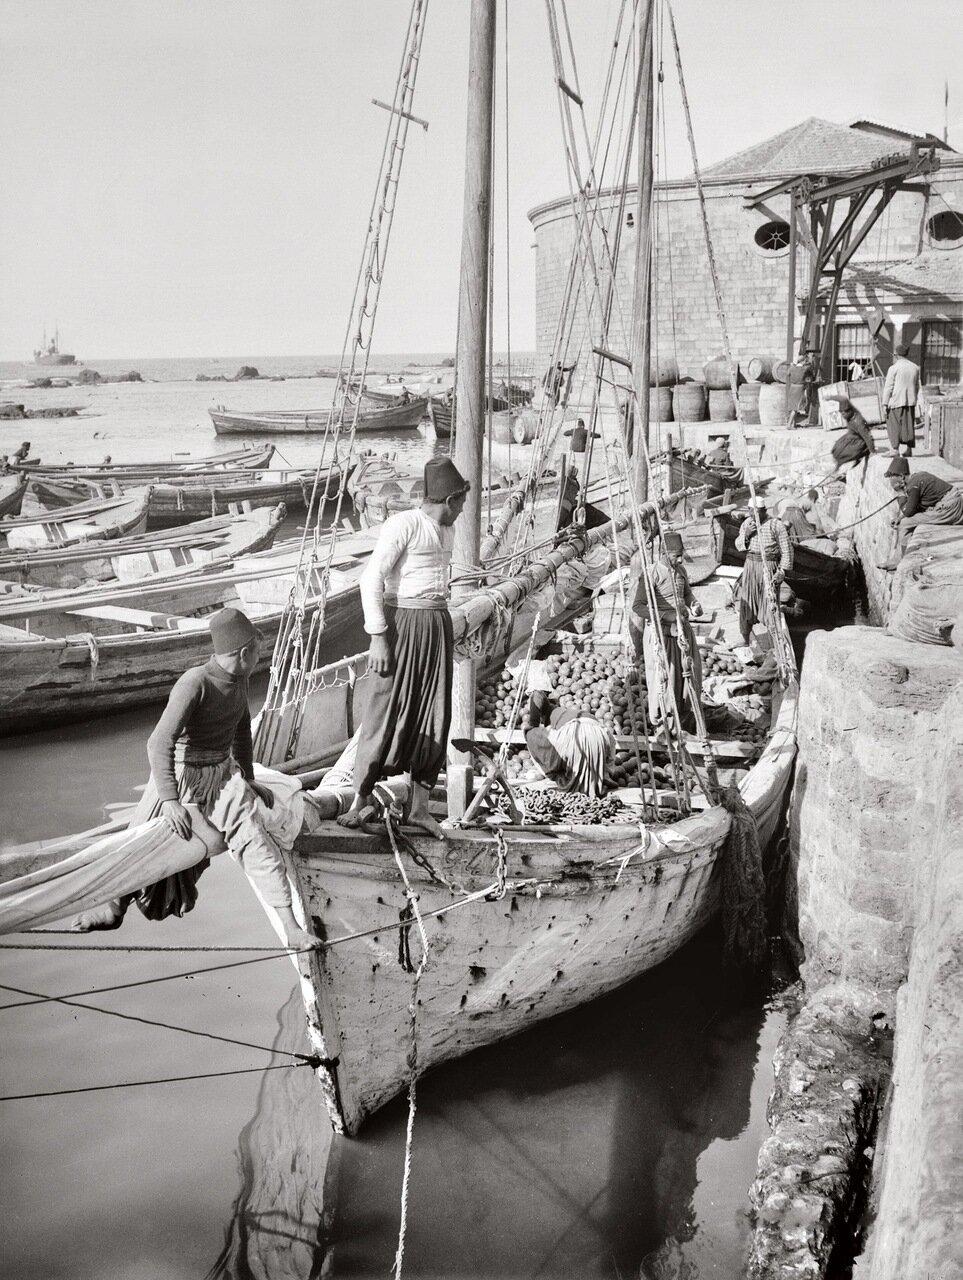 Лодка, груженная апельсинами. Яффо, Палестина. 1900-1920 гг.